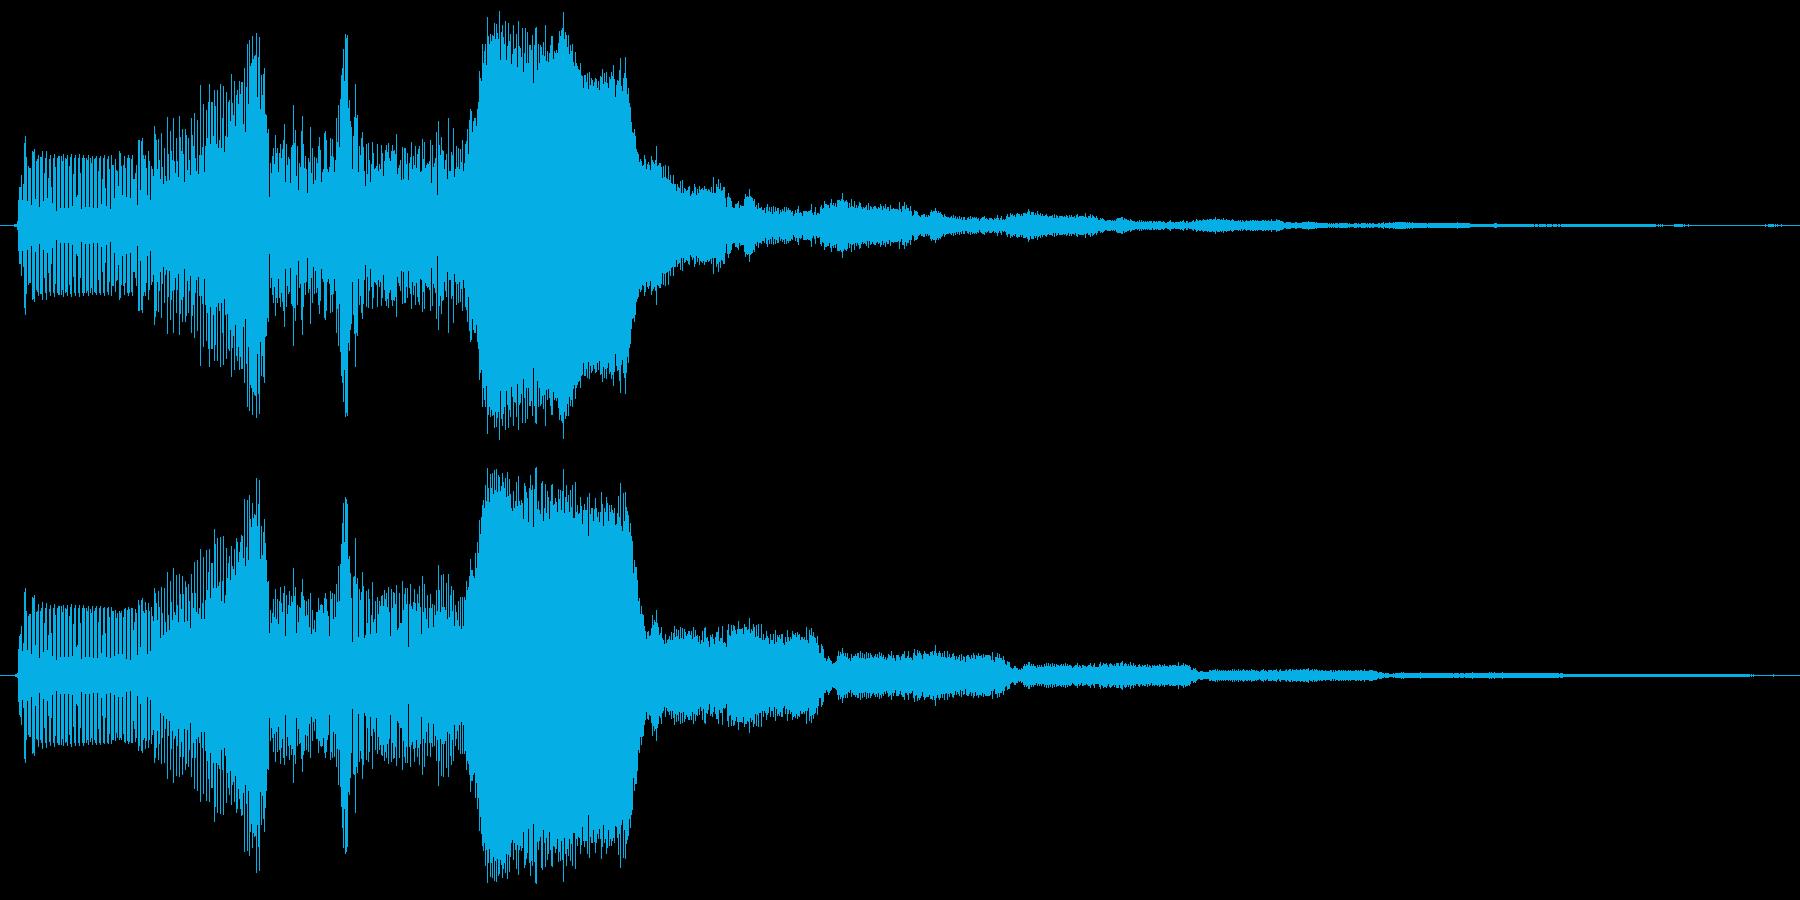 ピュイィィ。上がる・伸びる音(短)の再生済みの波形